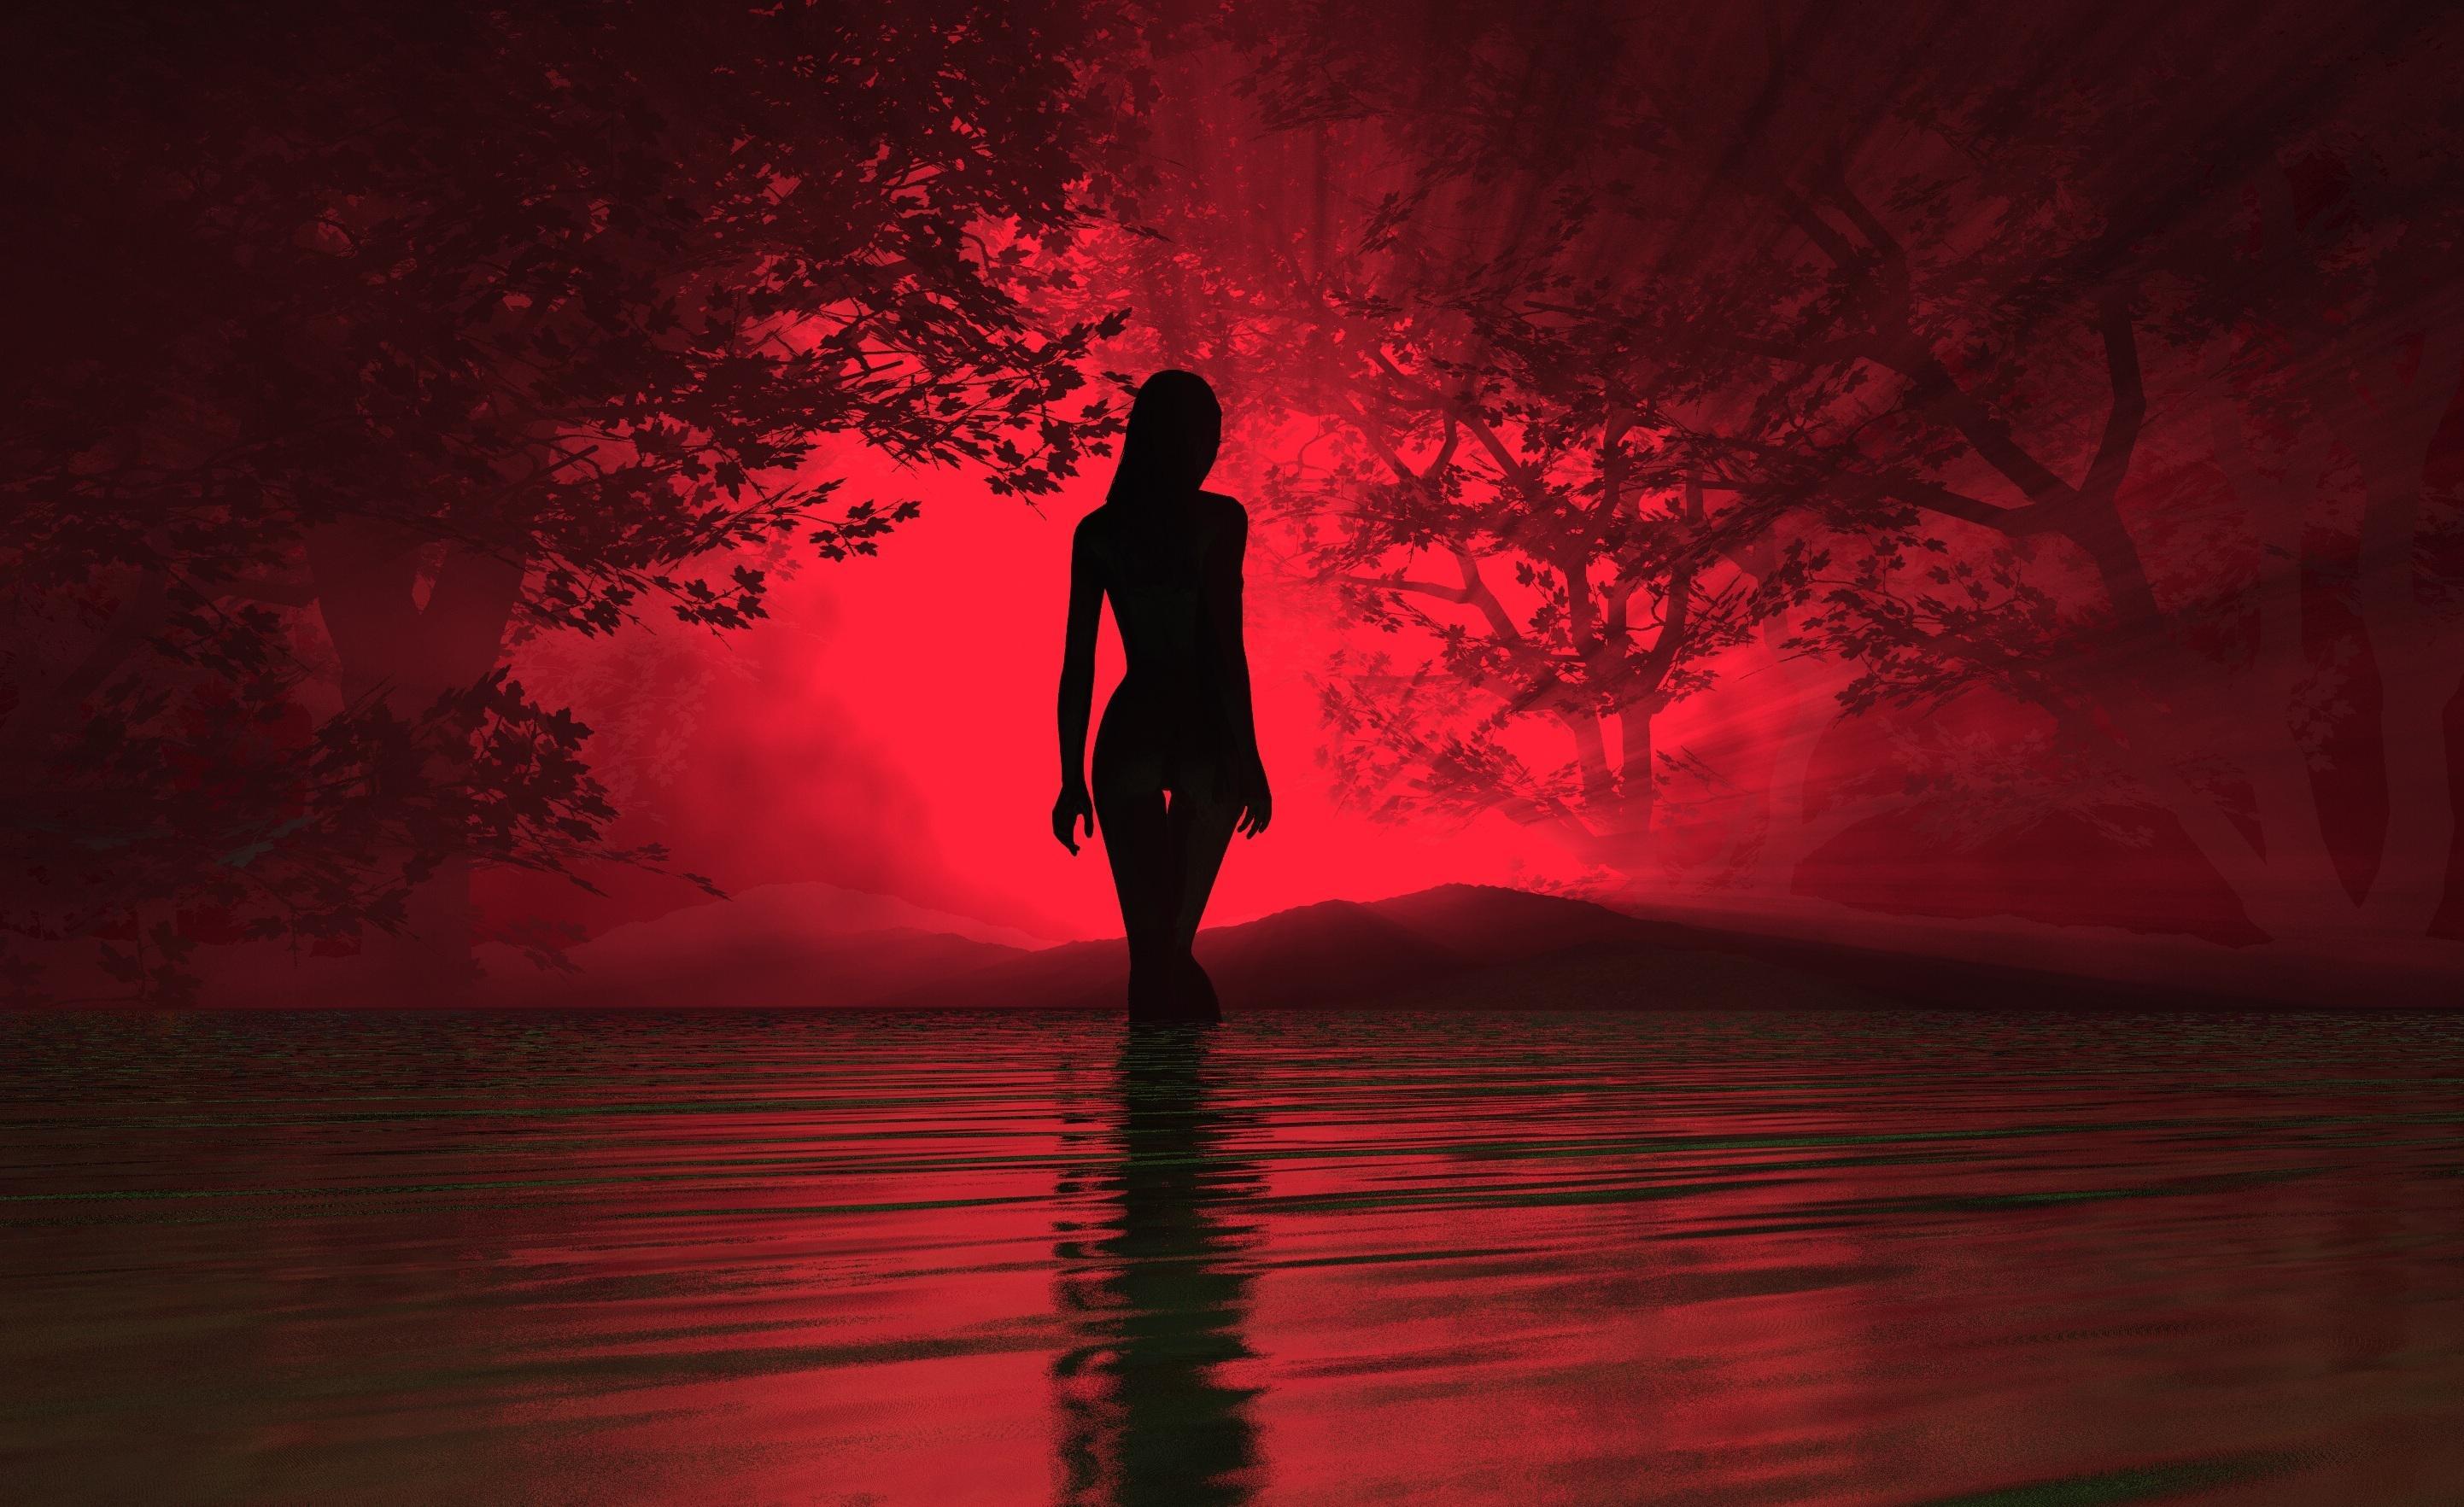 woman silhouette wallpaper 70572